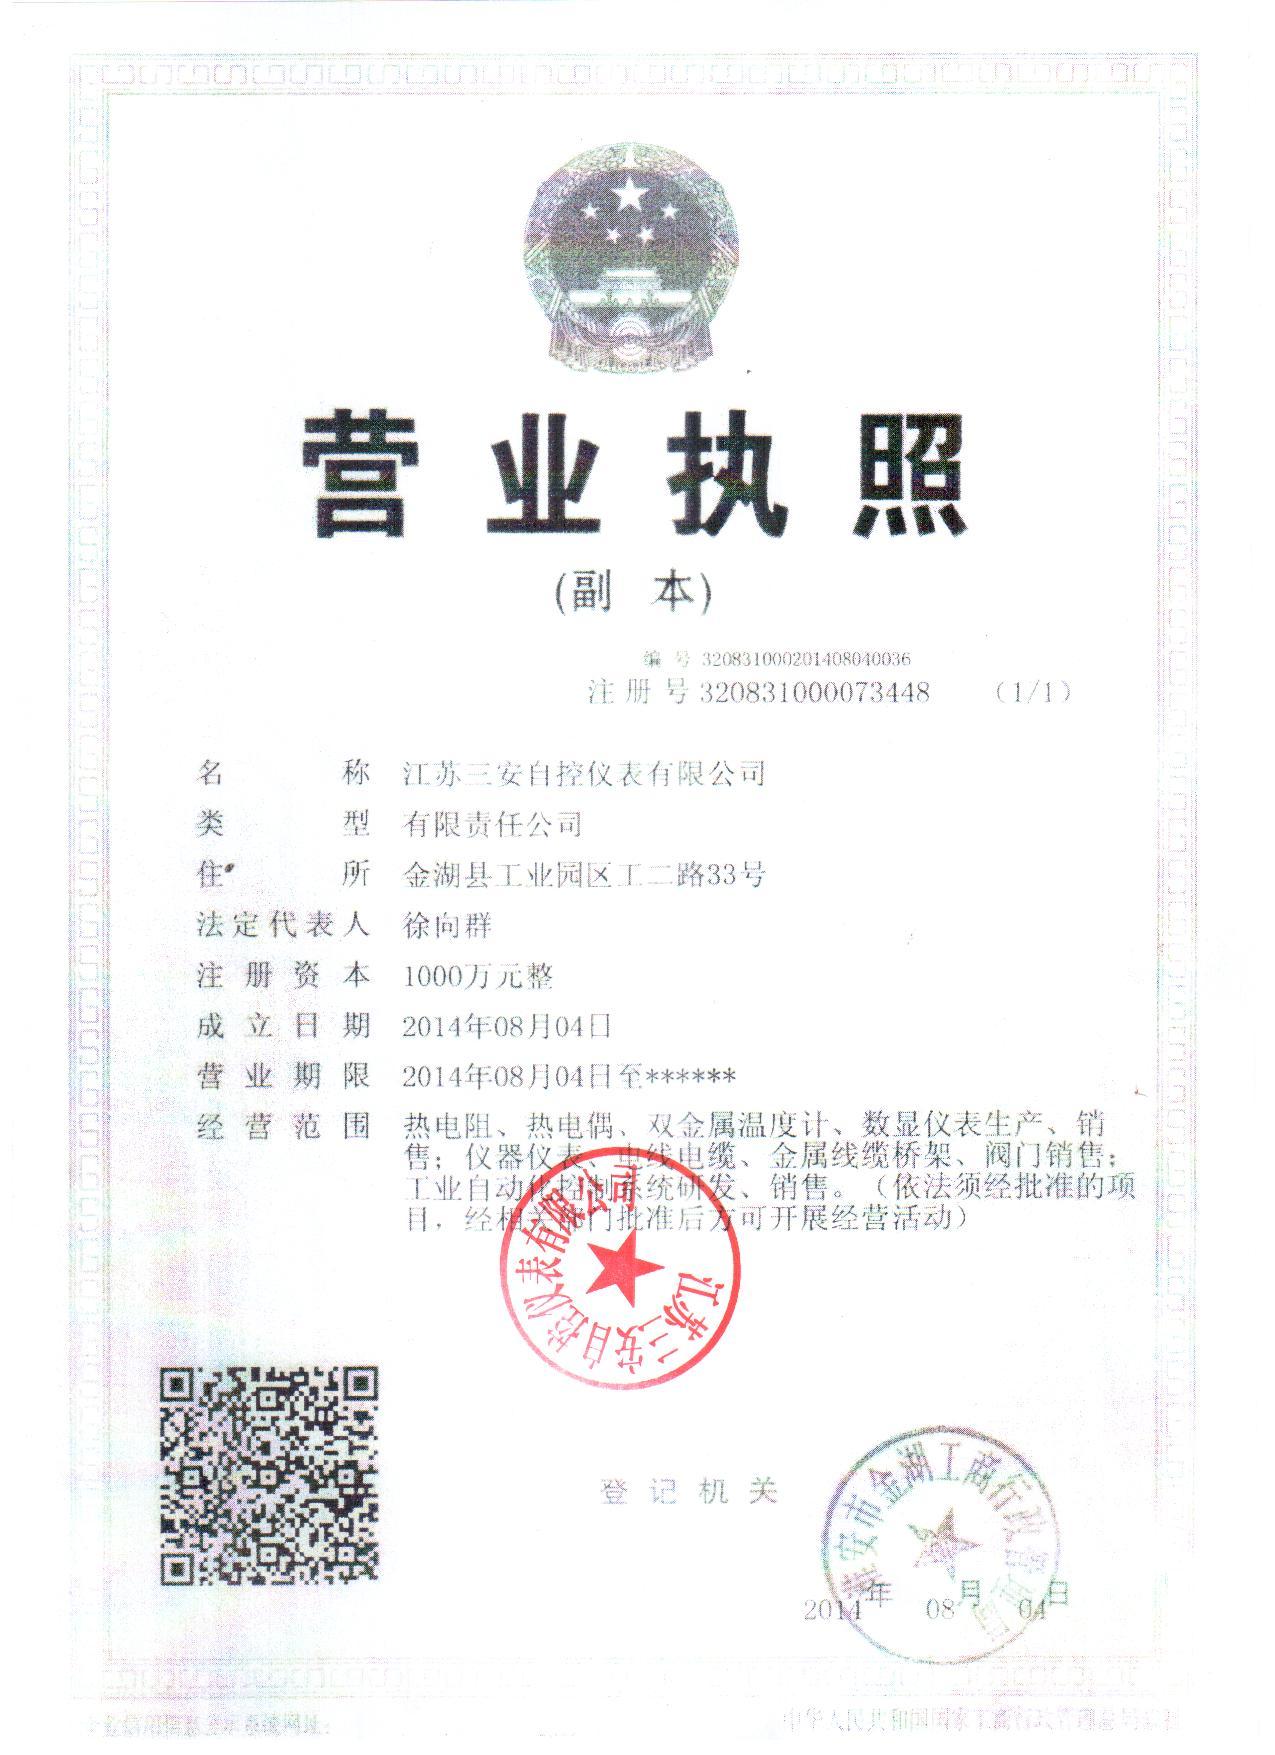 江苏三安自控仪表有限公司